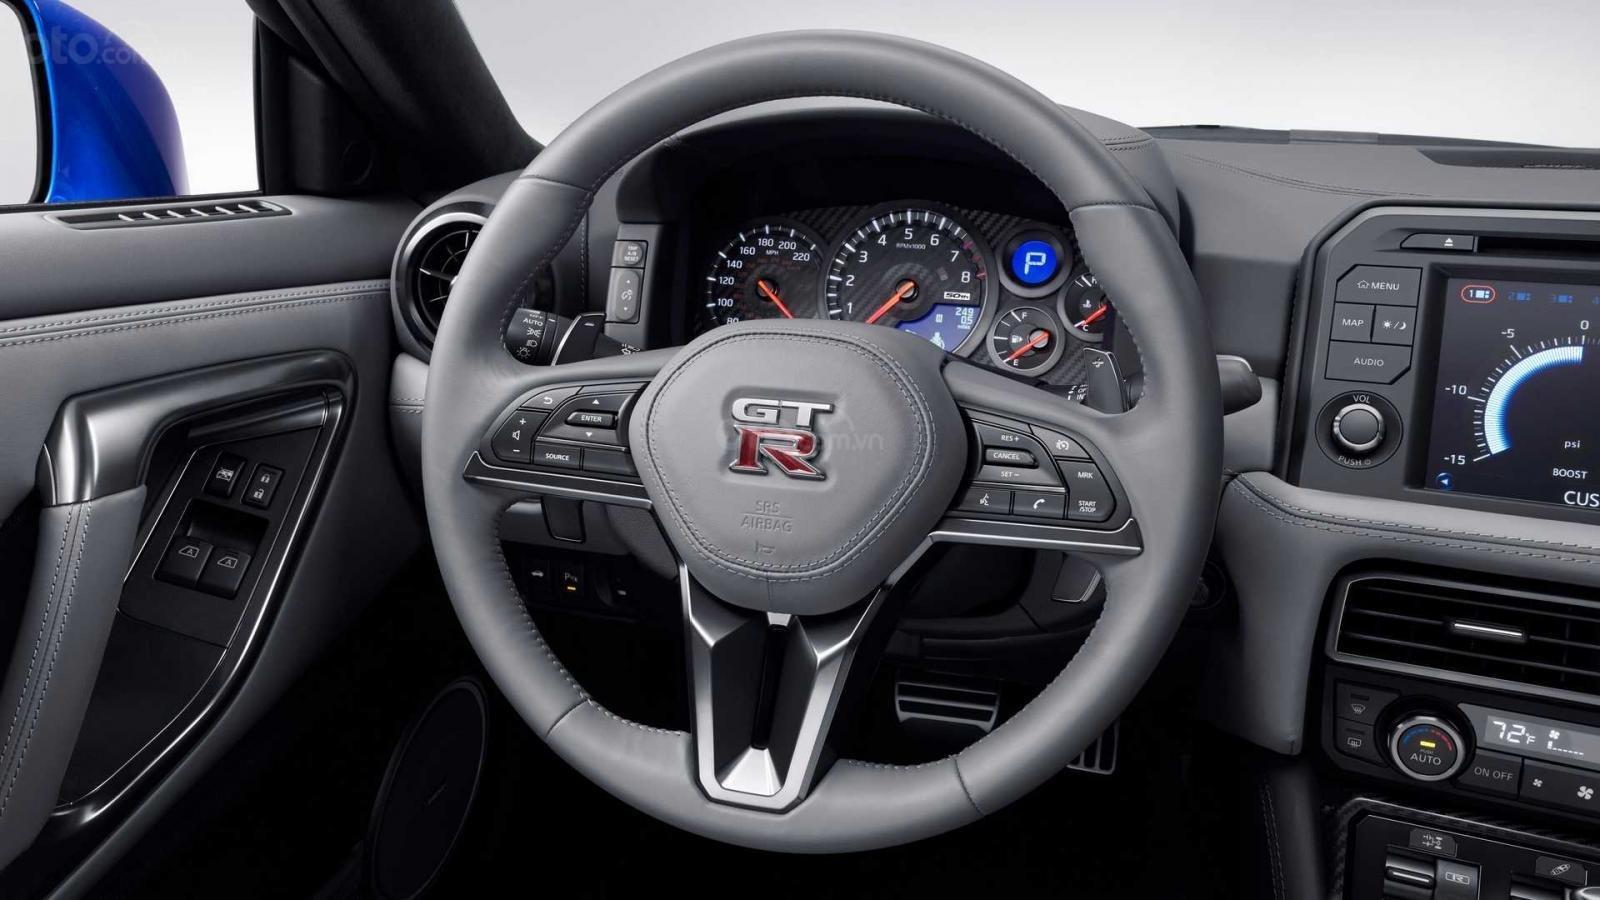 Nissan GT-R 2020 bản cao cấp với hiệu suất cao